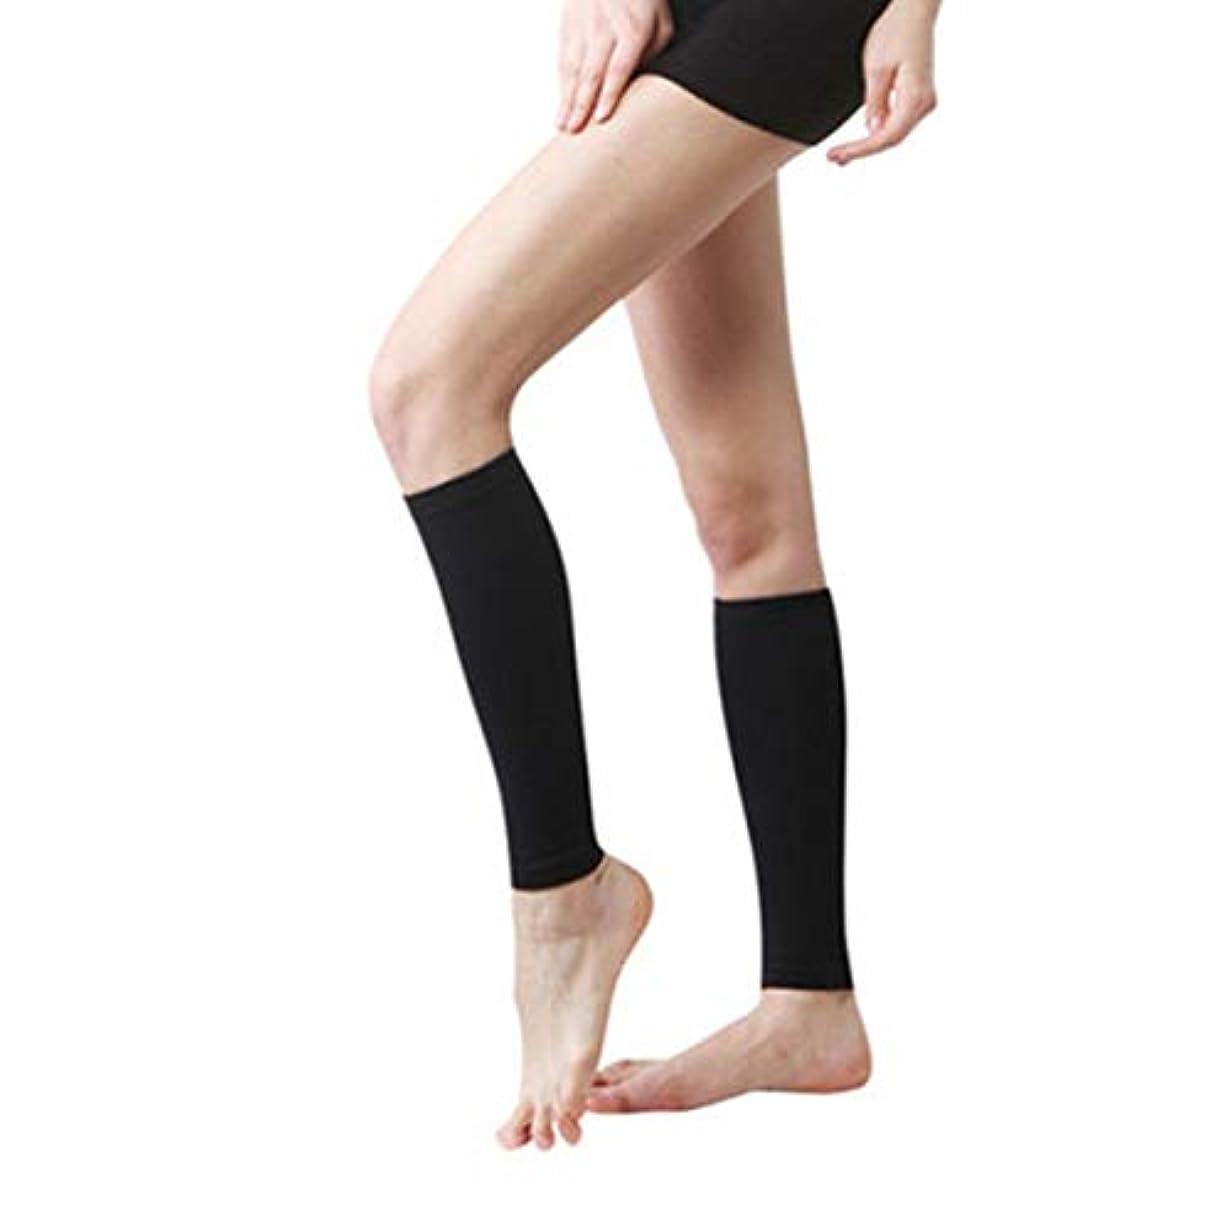 利点週末クリップ丈夫な男性女性プロの圧縮靴下通気性のある旅行活動看護師用シンススプリントフライトトラベル - ブラック